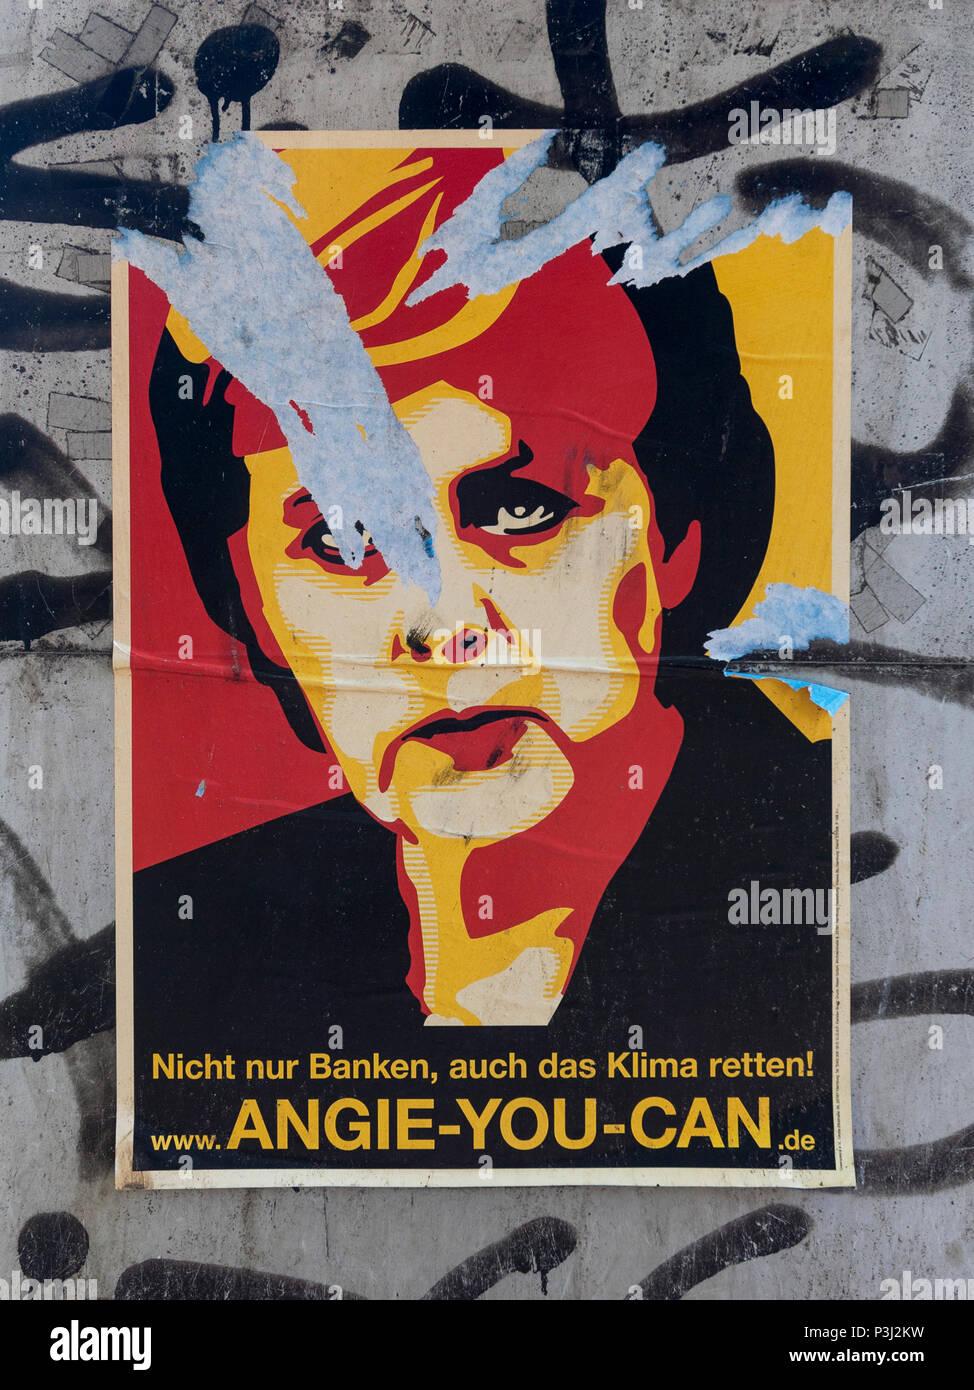 Berlin. Deutschland. Graphic Arts Poster Portrait von Bundeskanzlerin Angela Merkel mit dem Slogan 'Angie Sie können'. Stockbild